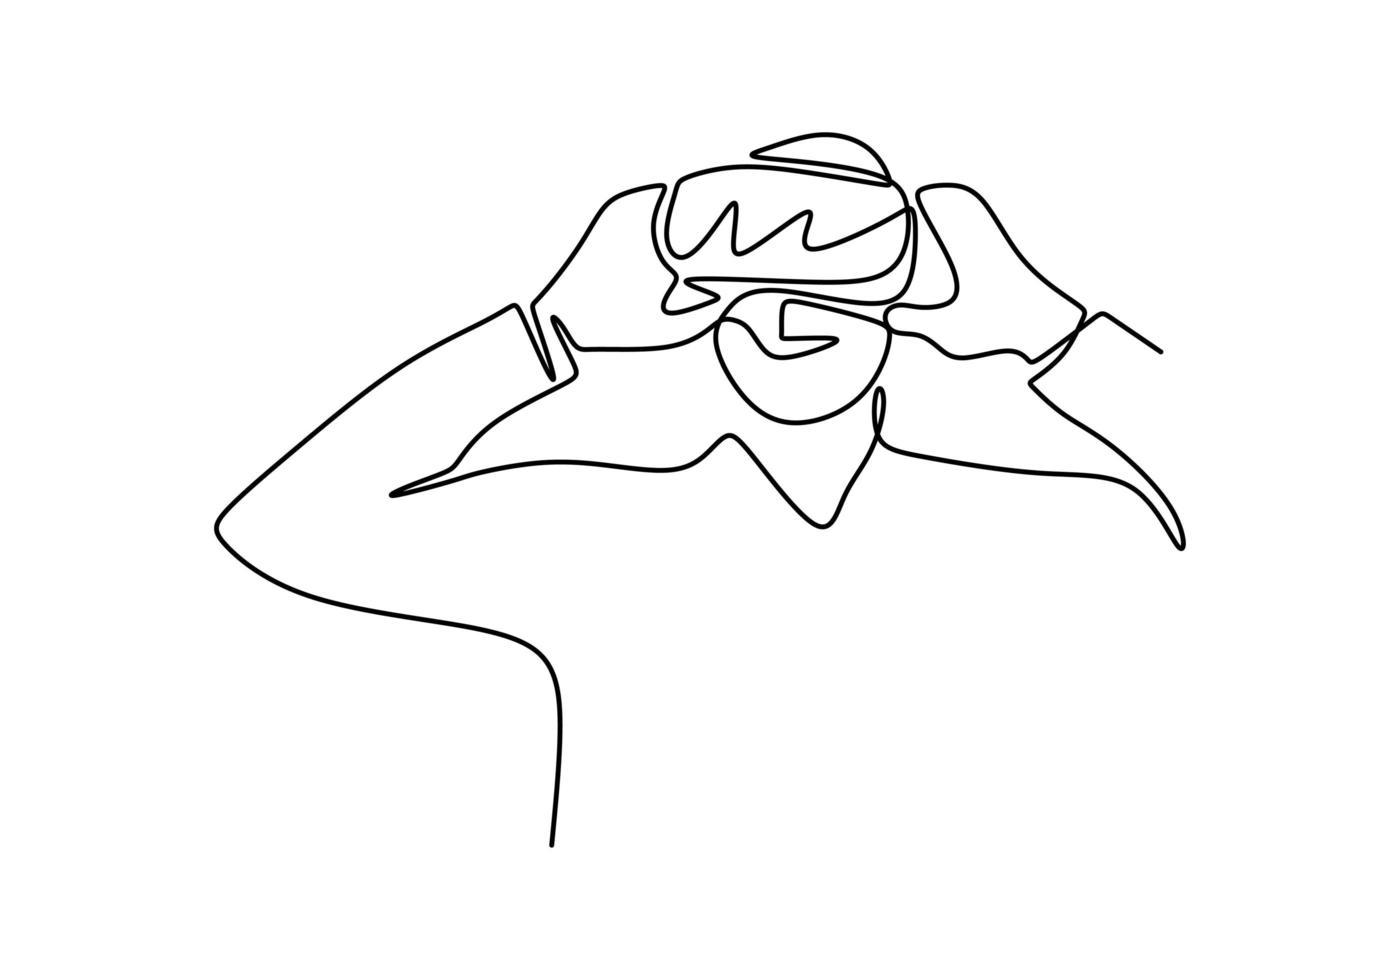 une ligne de dessin continu homme dans la réalité virtuelle de l'appareil de lunettes, simplicité d'illustration vectorielle. minimalisme technologie future électronique dessinée à la main. vecteur